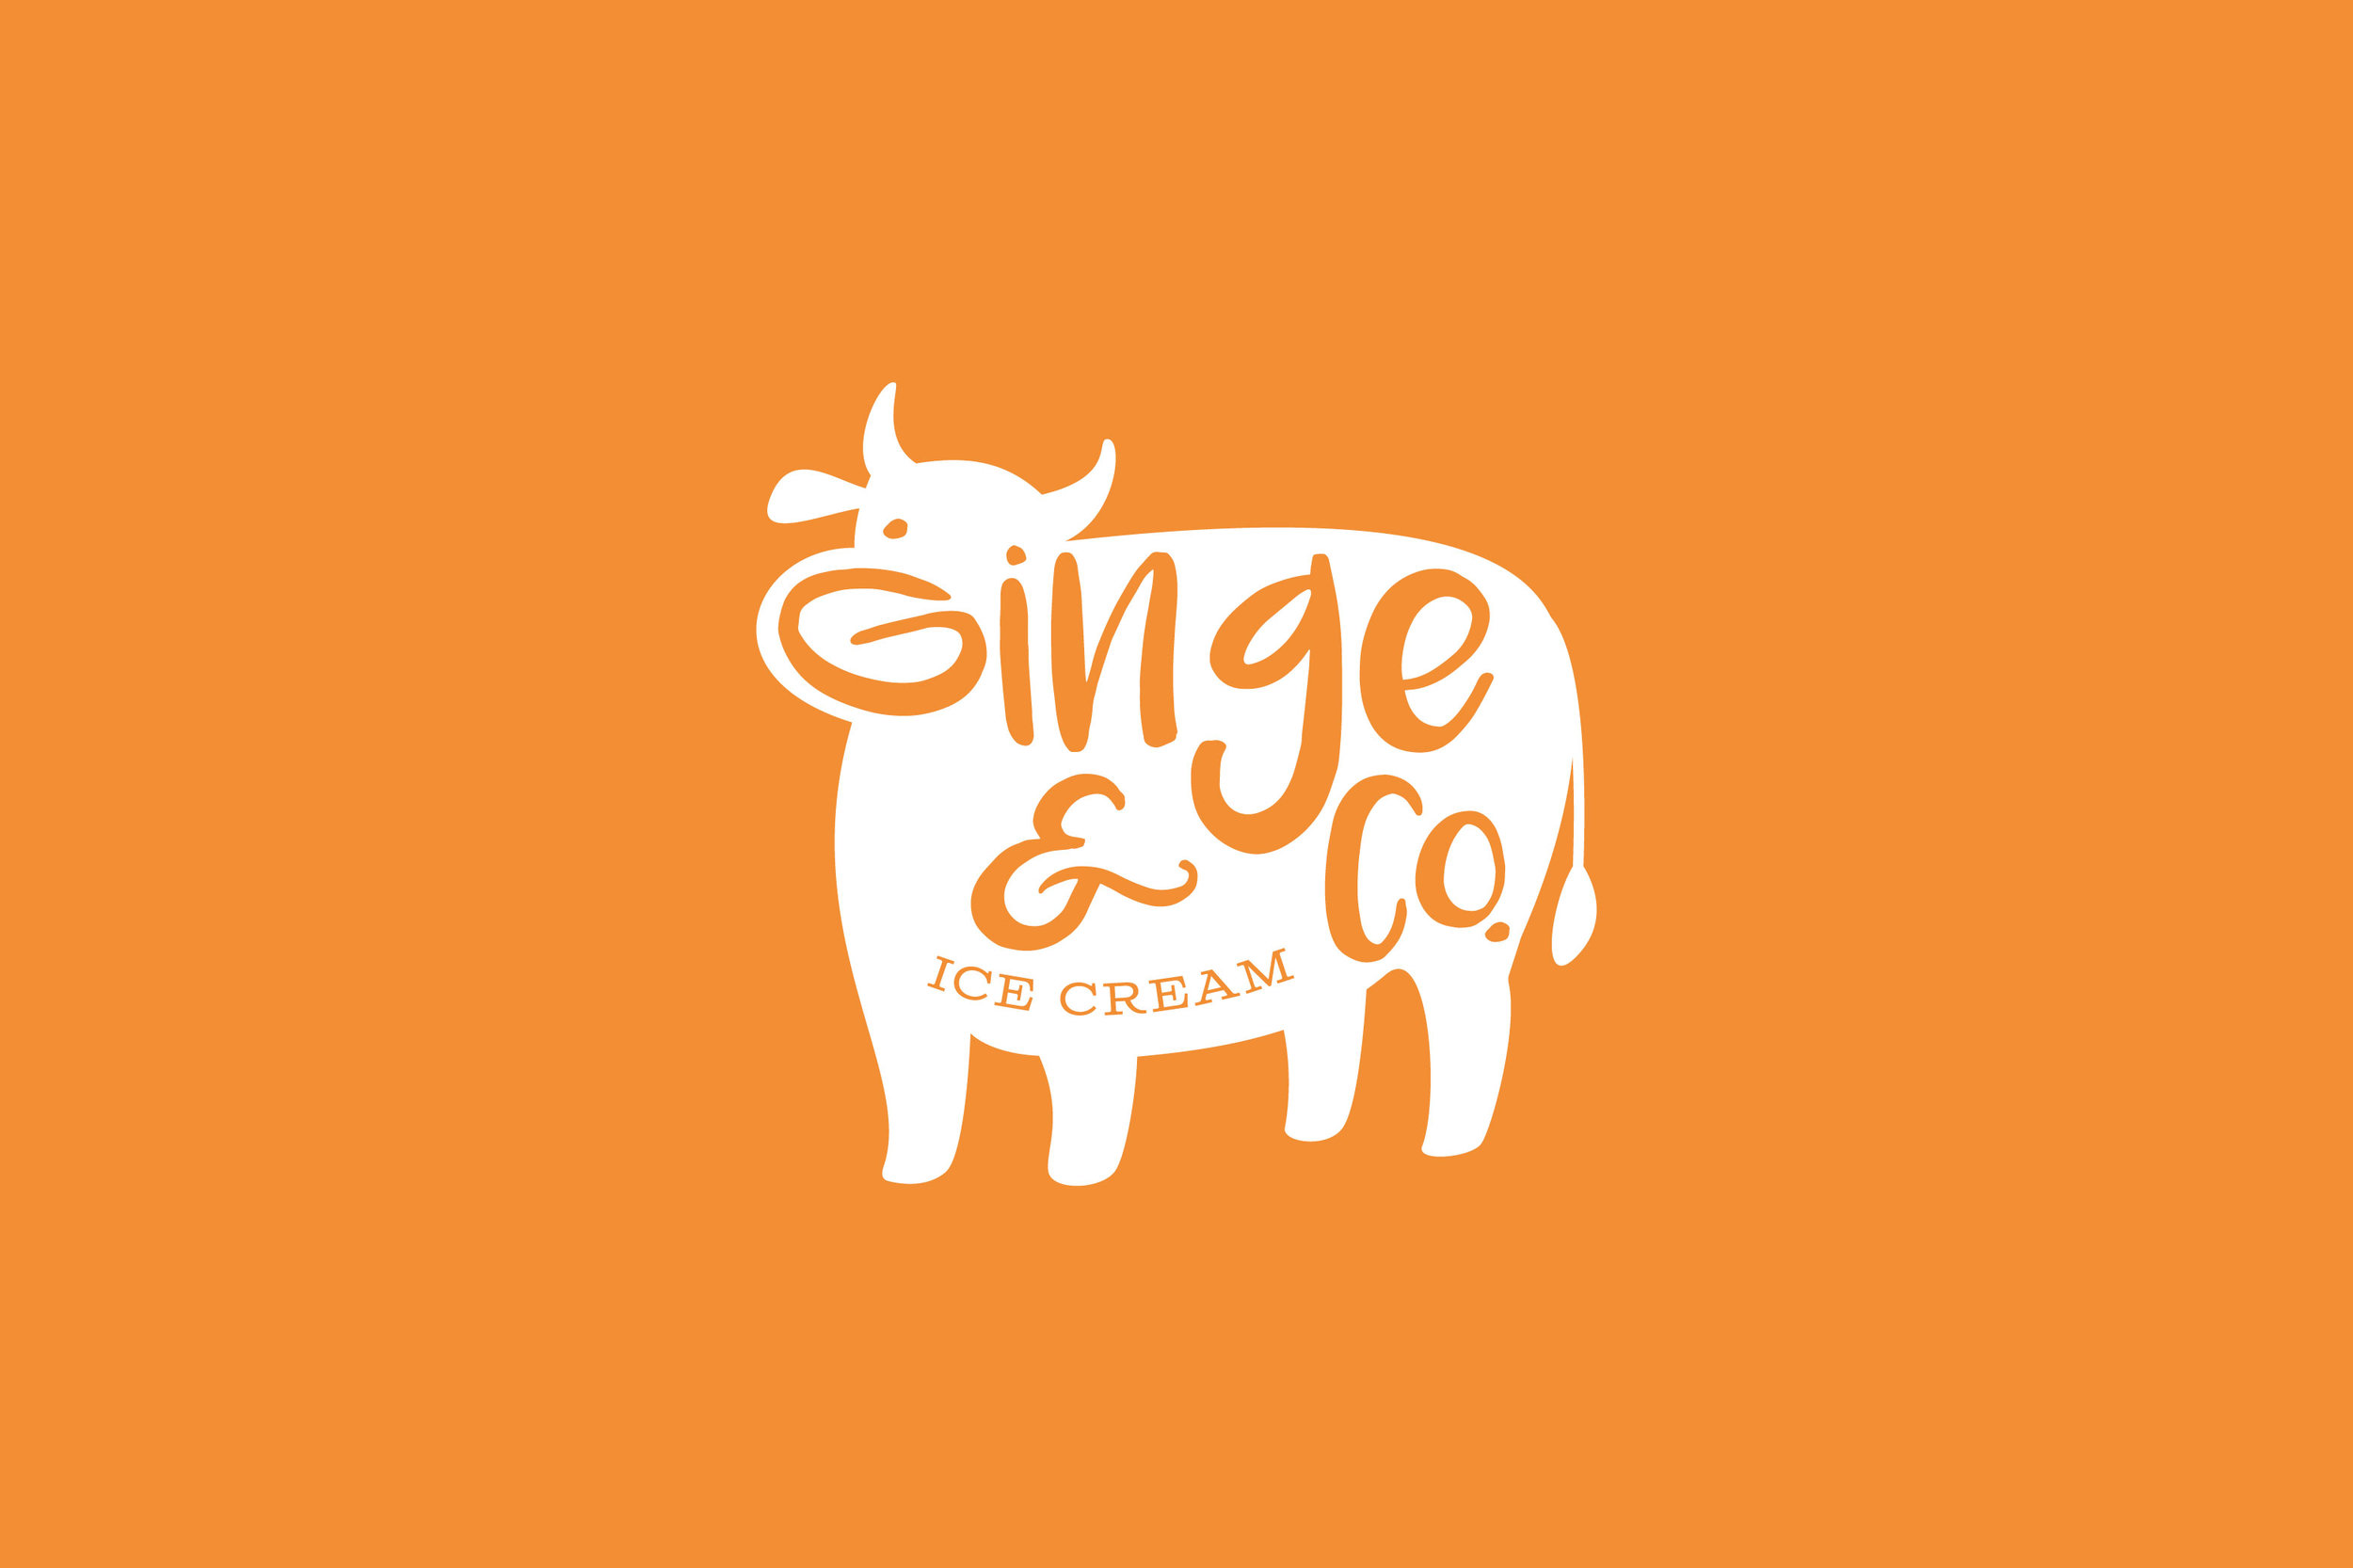 Ginge & Co.jpg